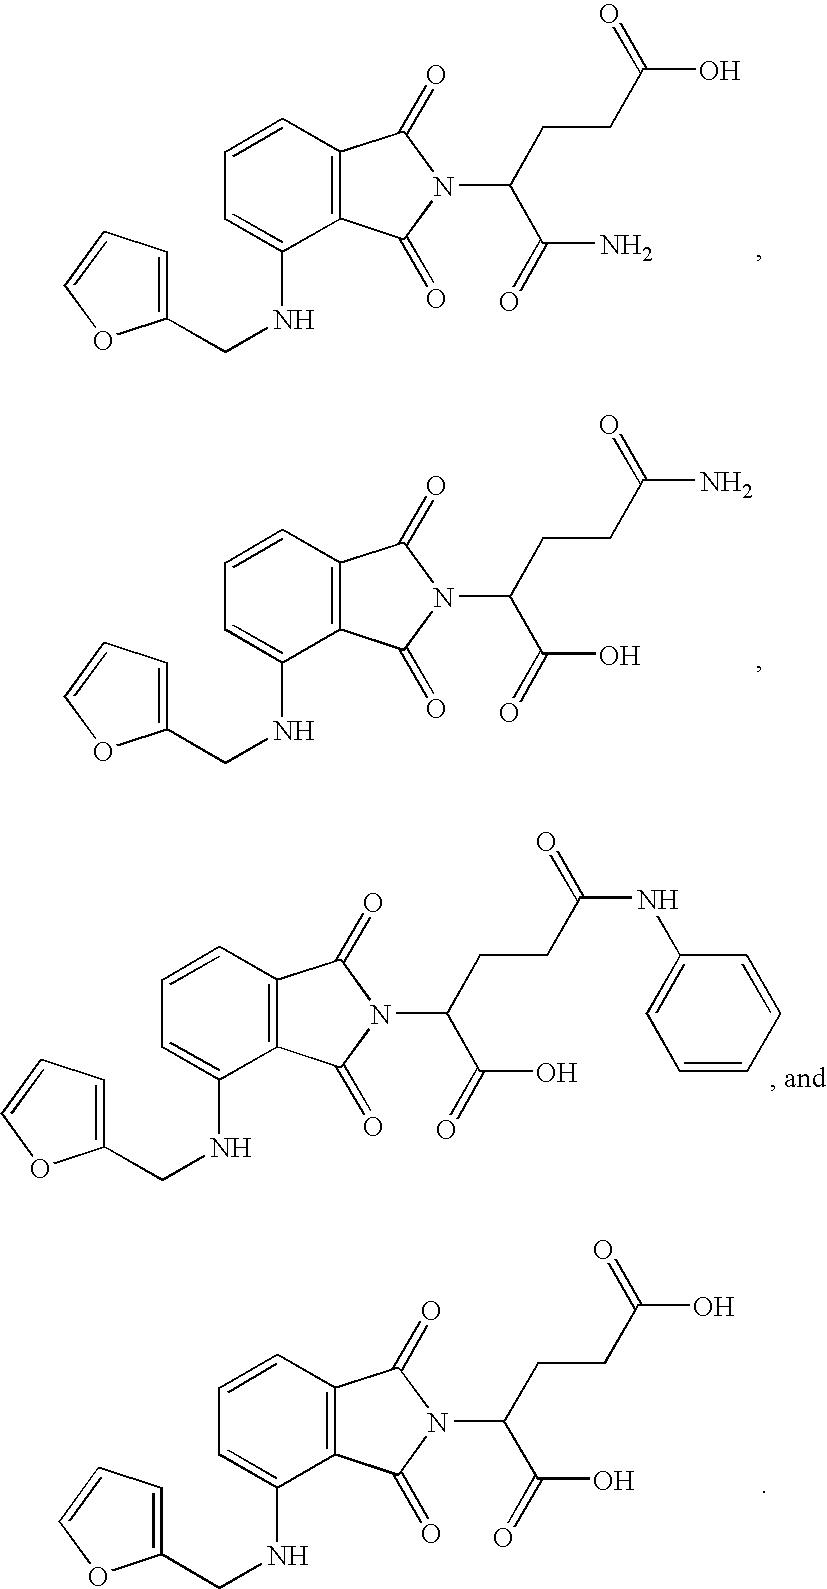 Figure US20050214328A1-20050929-C00023